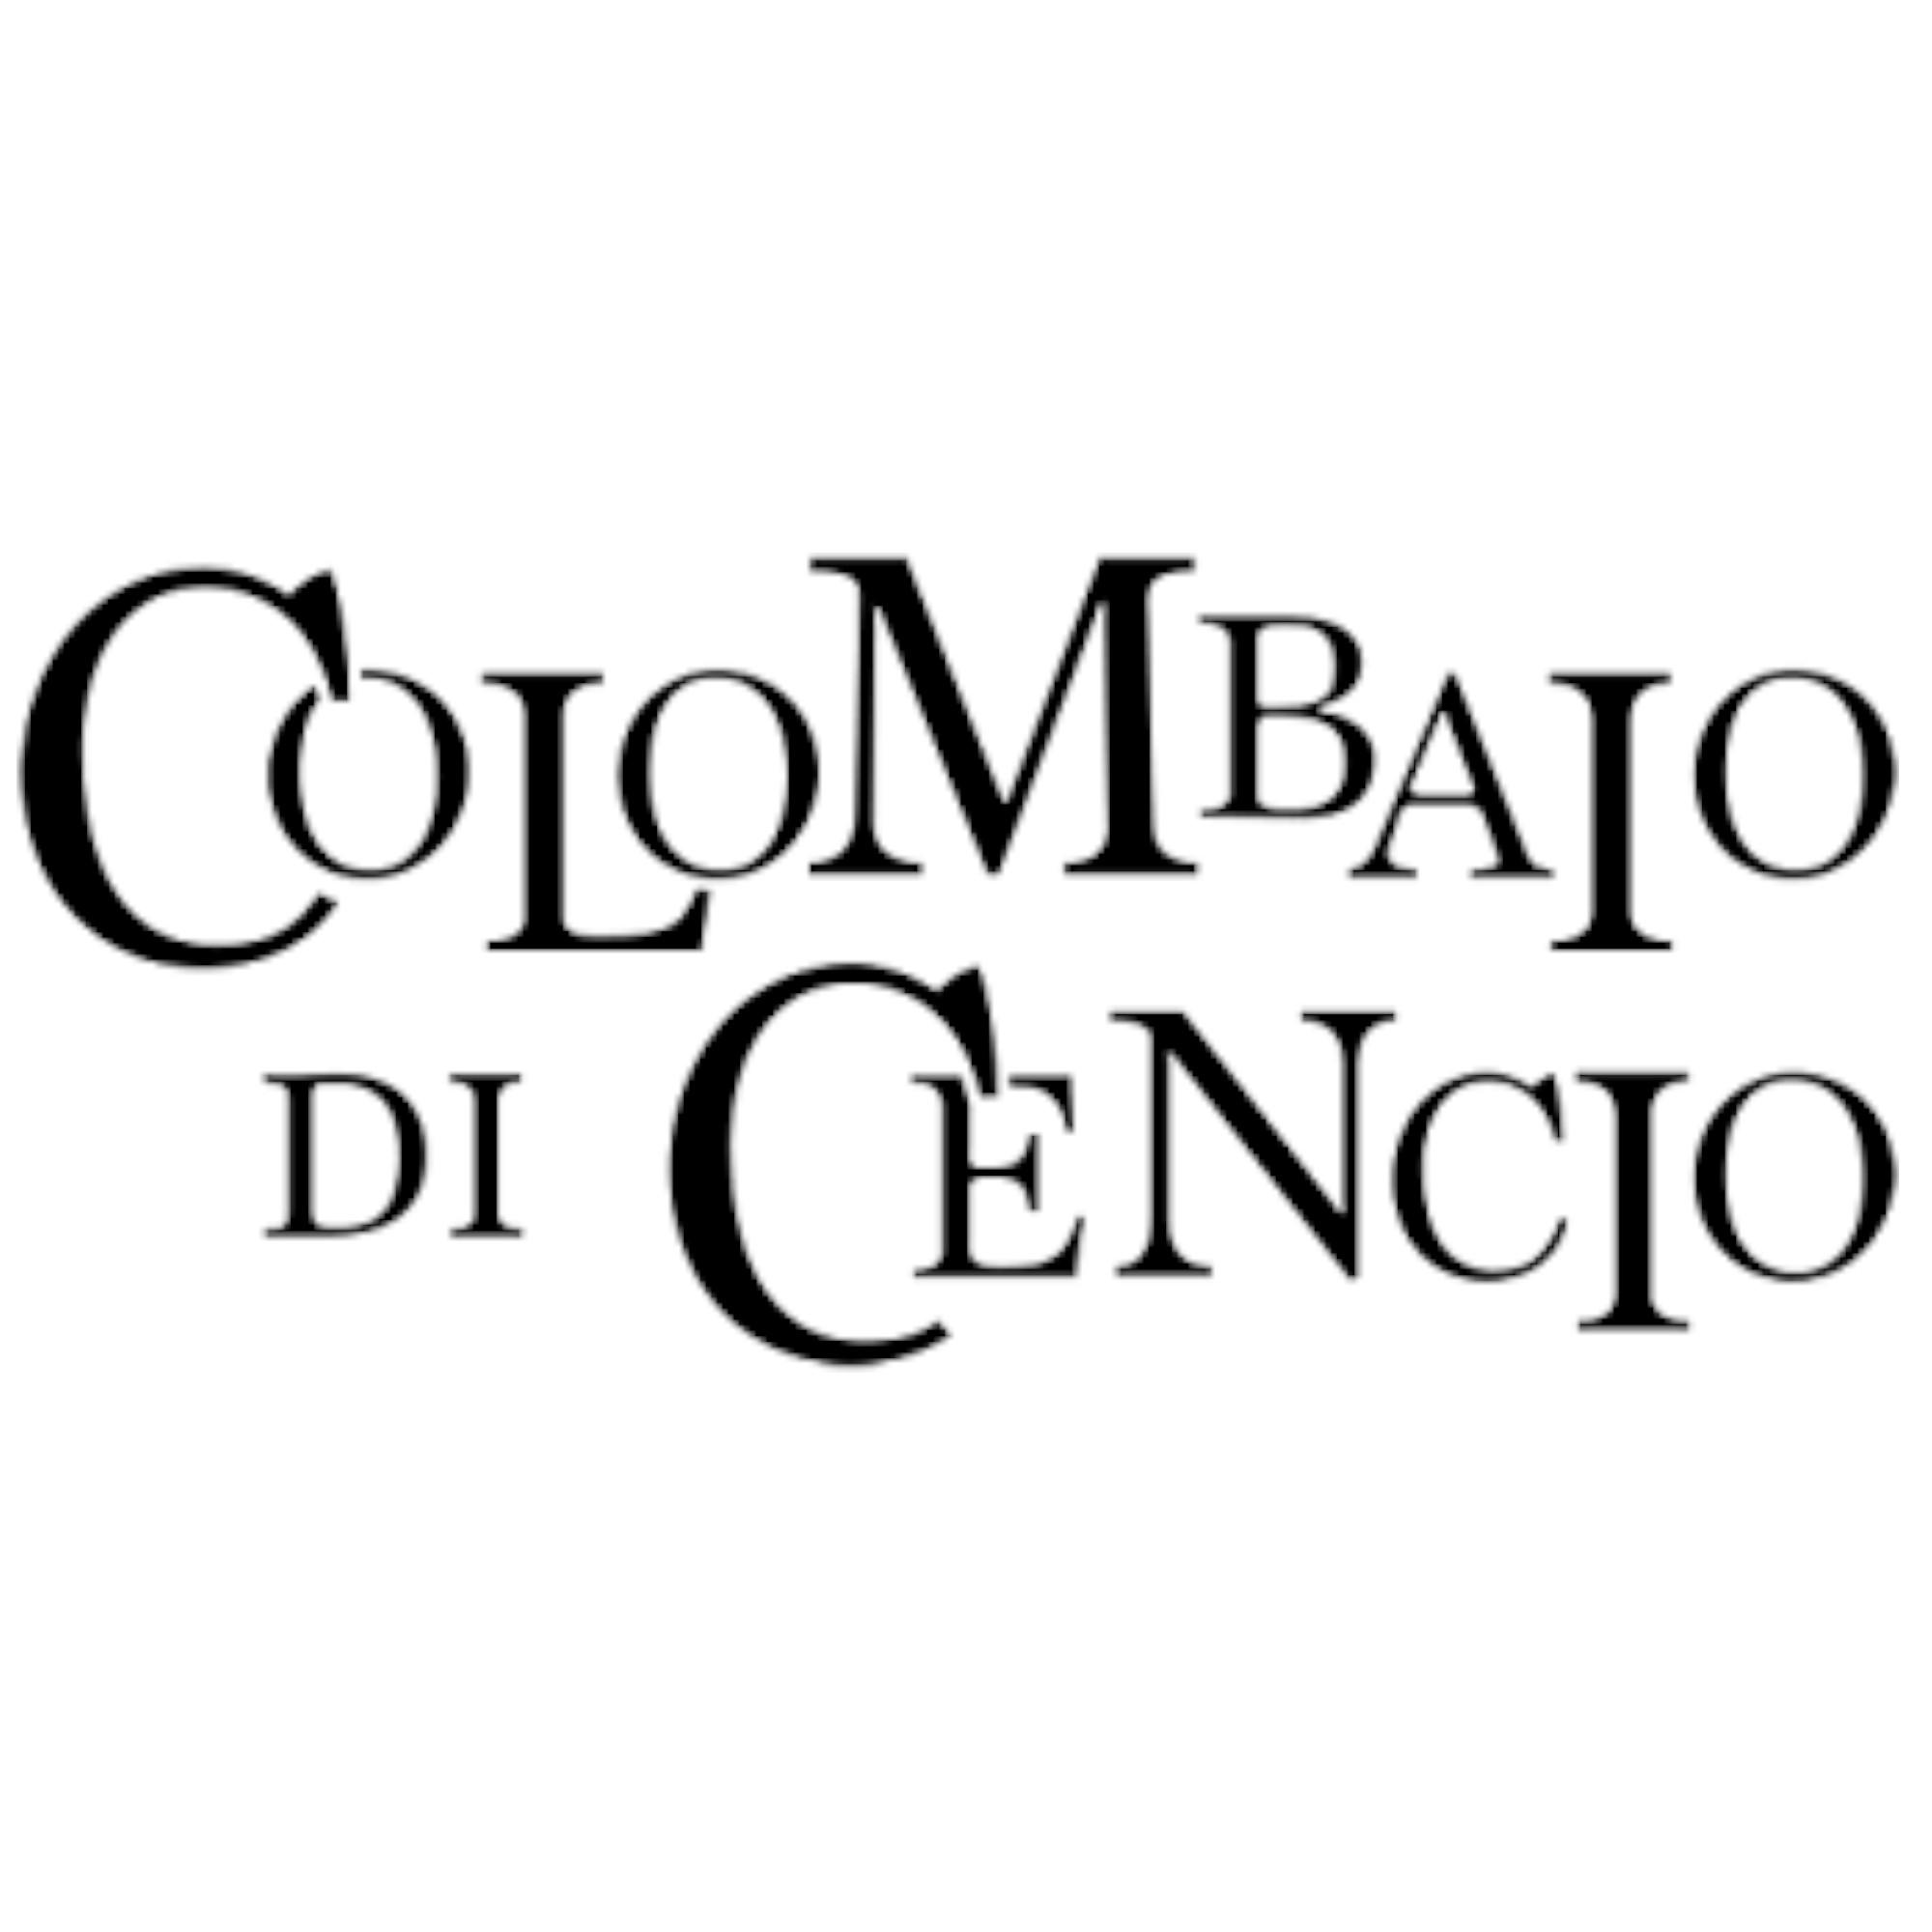 Colombaio di Cencio